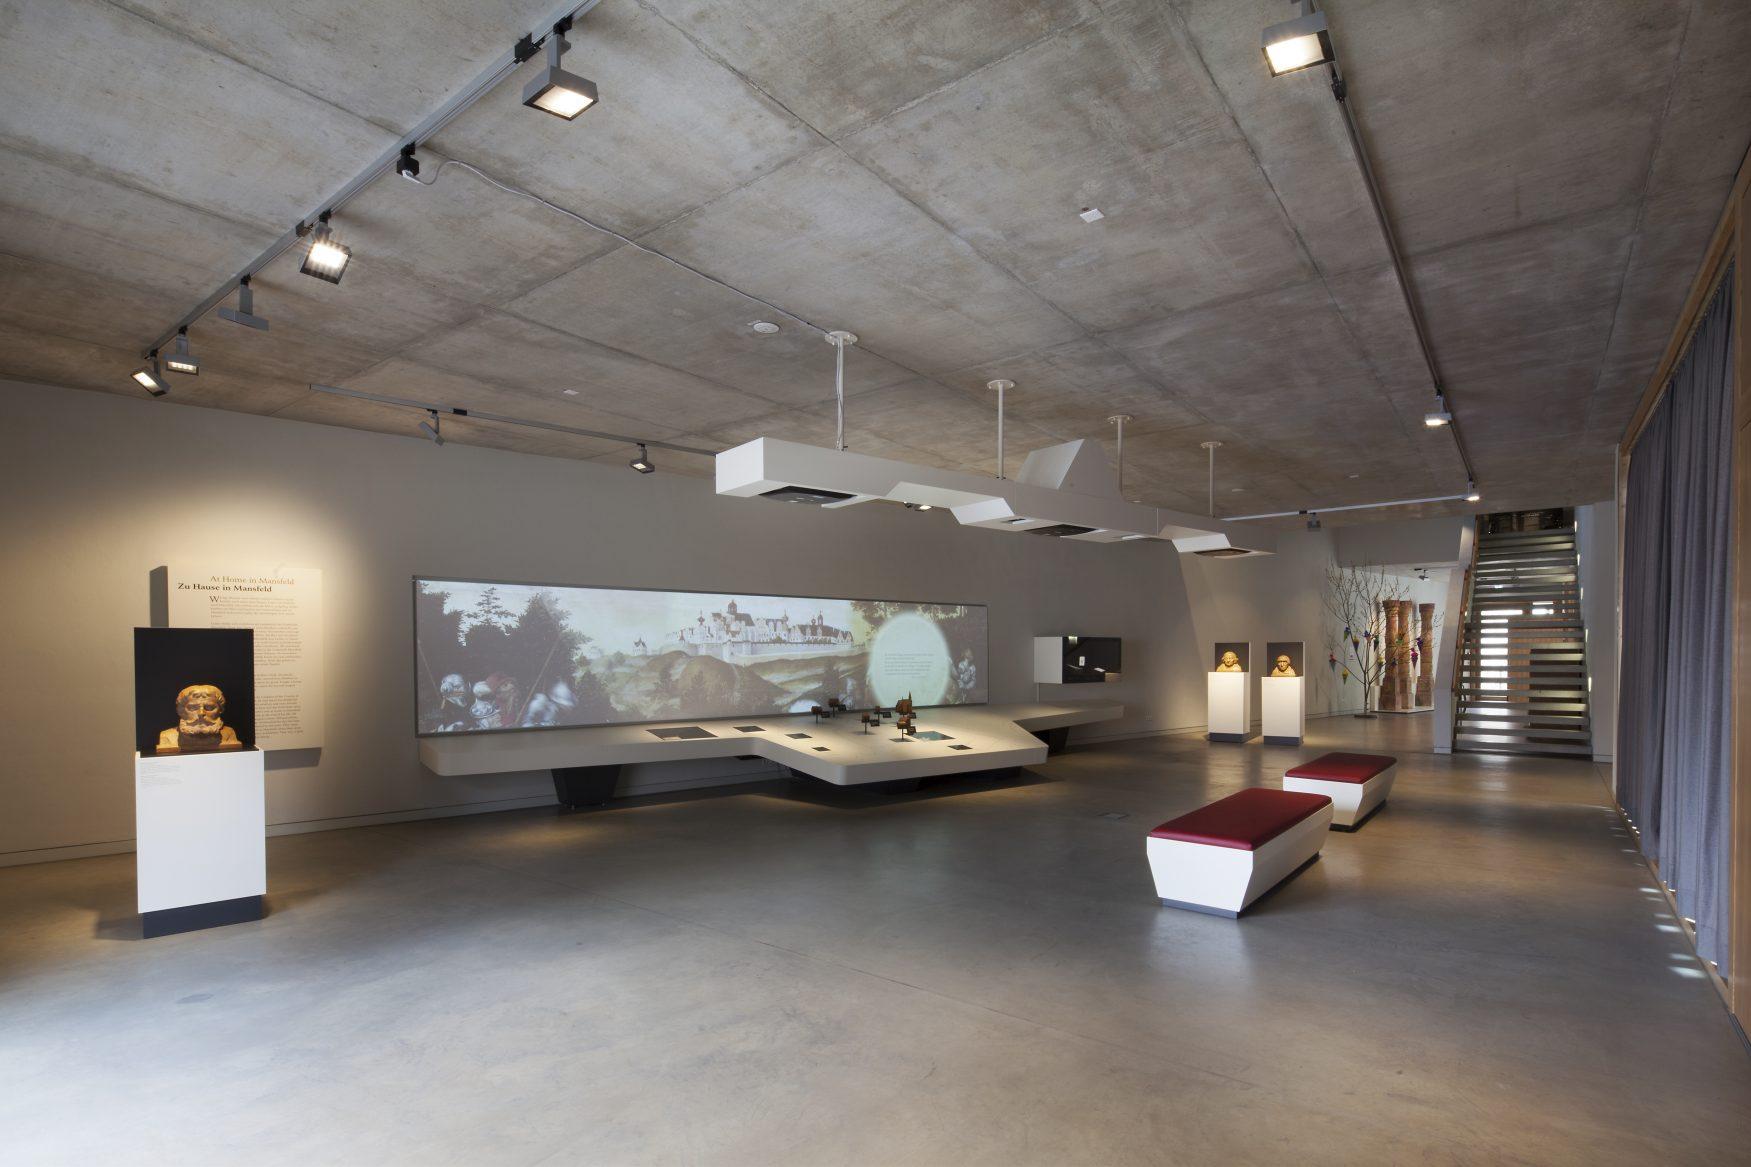 Blick in das Luthermuseum in Mansfeld, Foto: Stiftung Luthergedenkstätten in Sachsen-Anhalt,